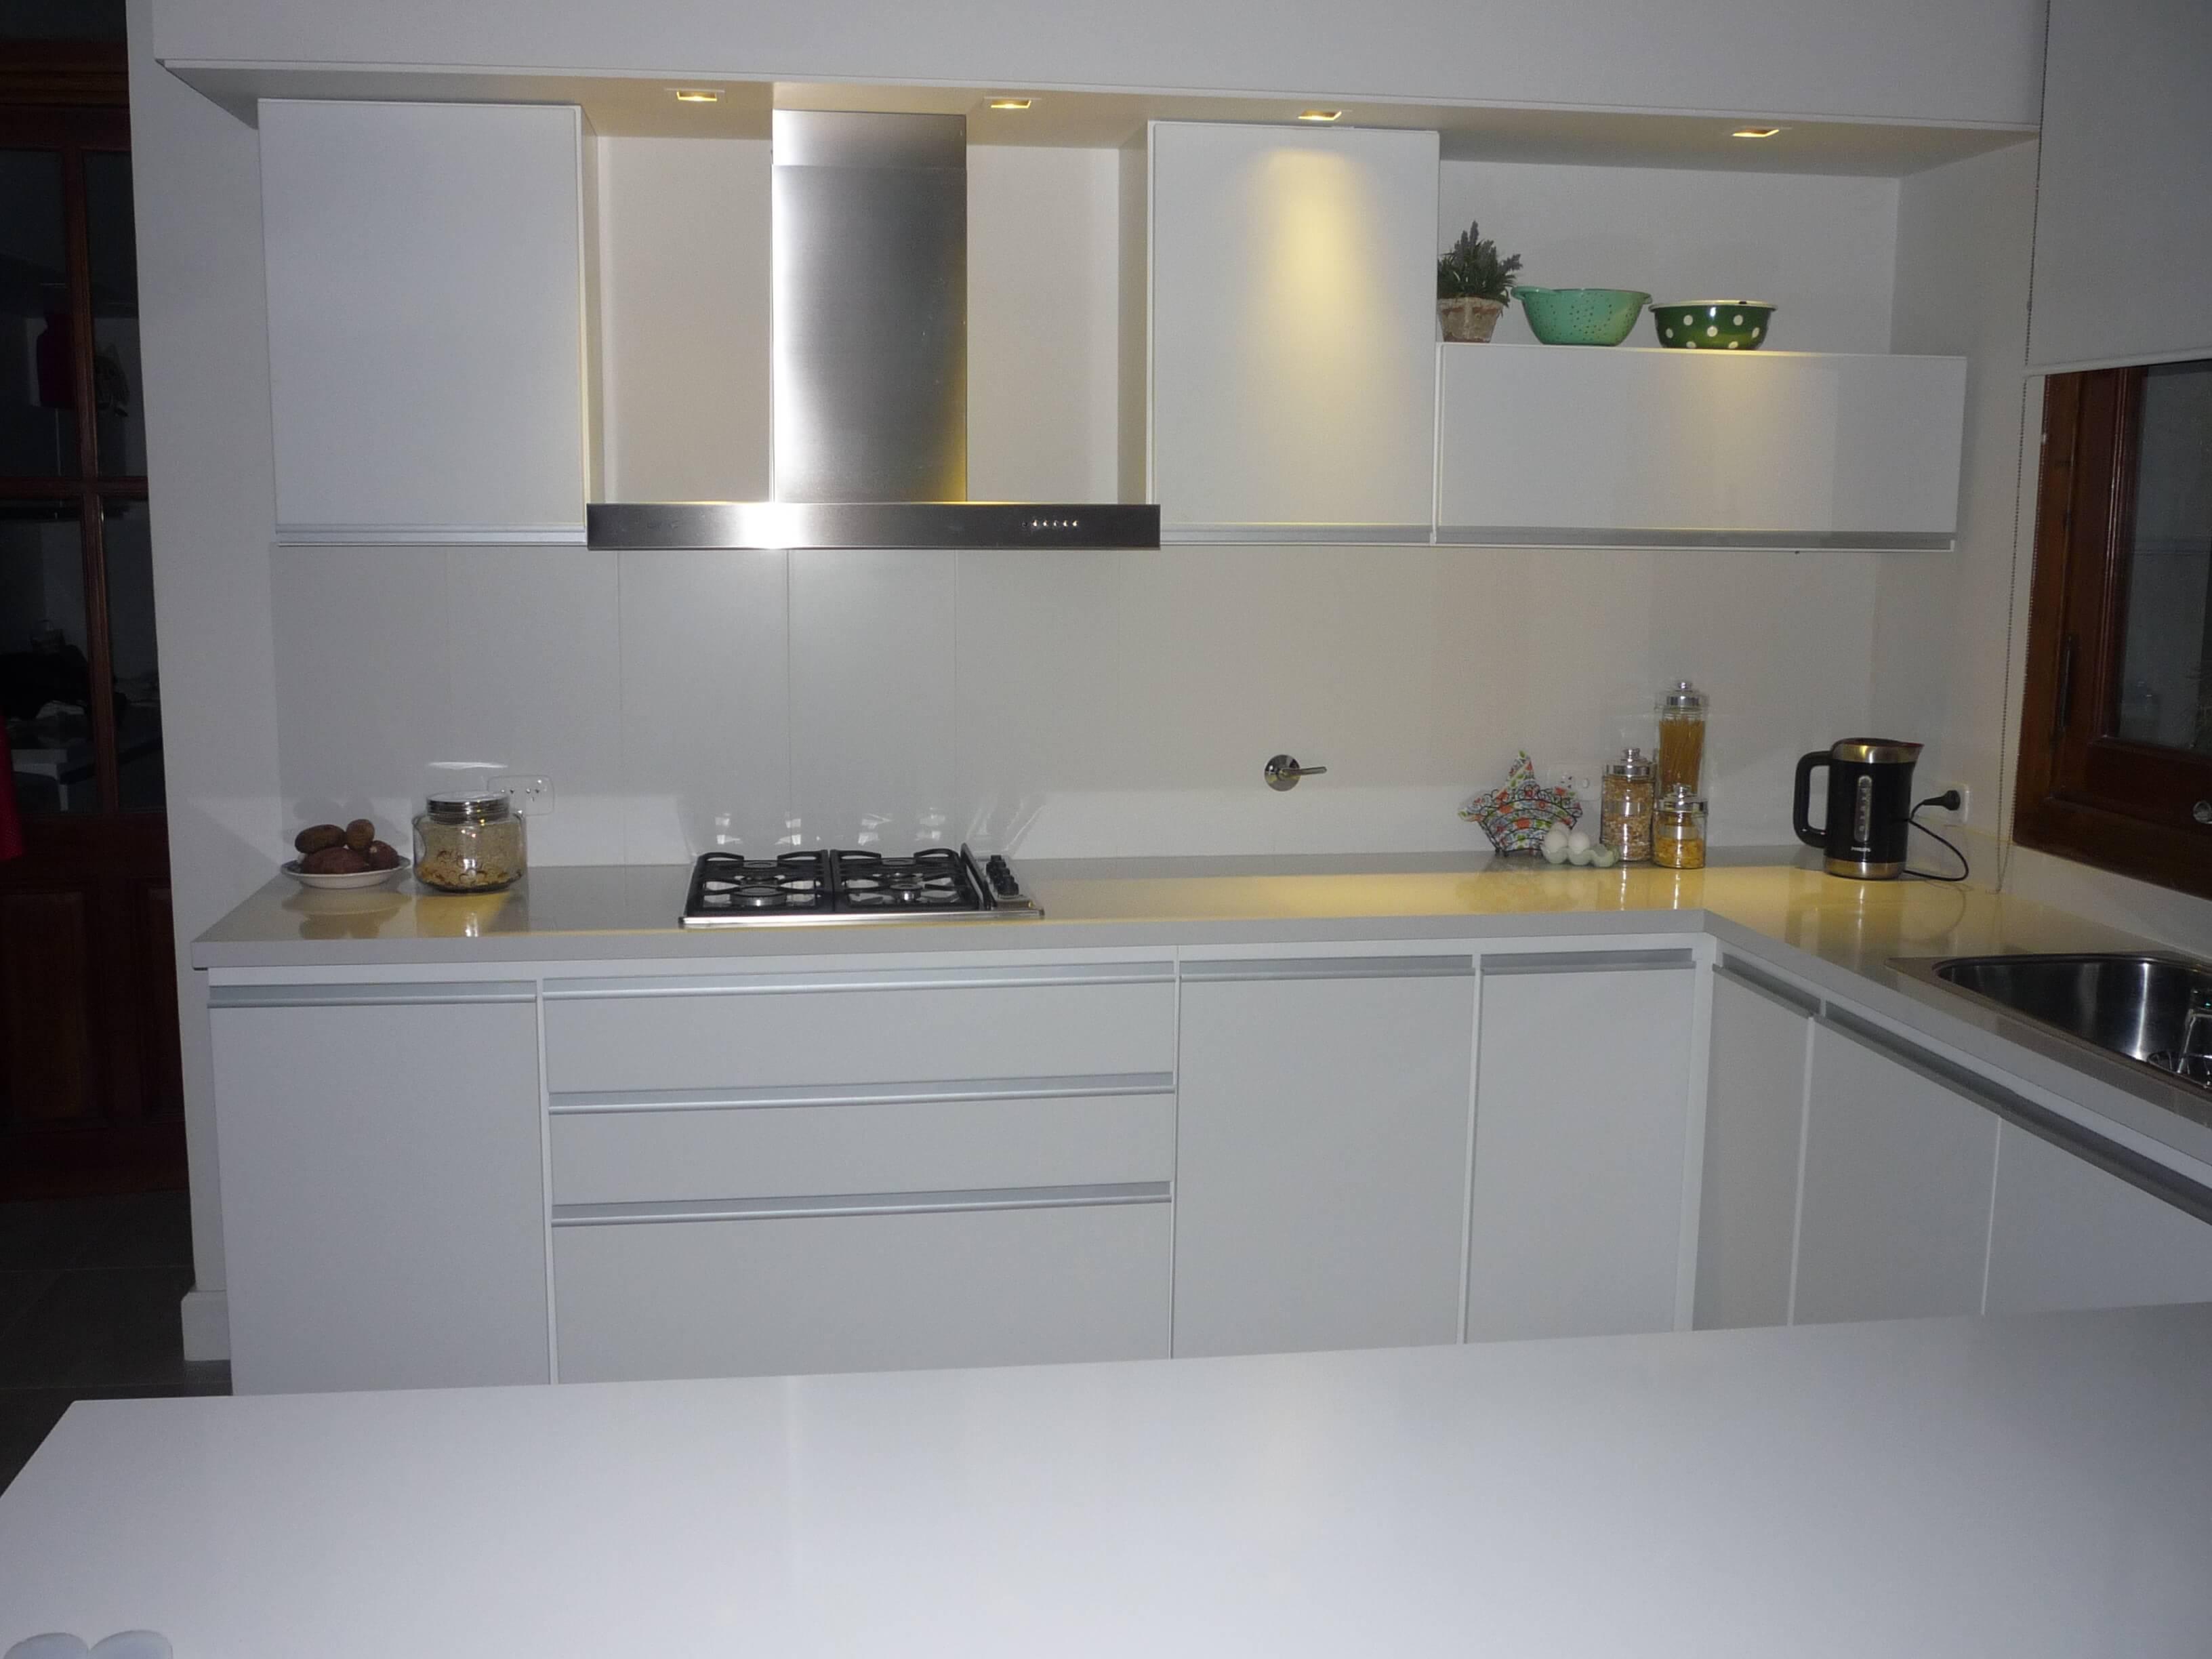 Muebles de cocina sanitarios independencia - Muebles para sanitarios ...